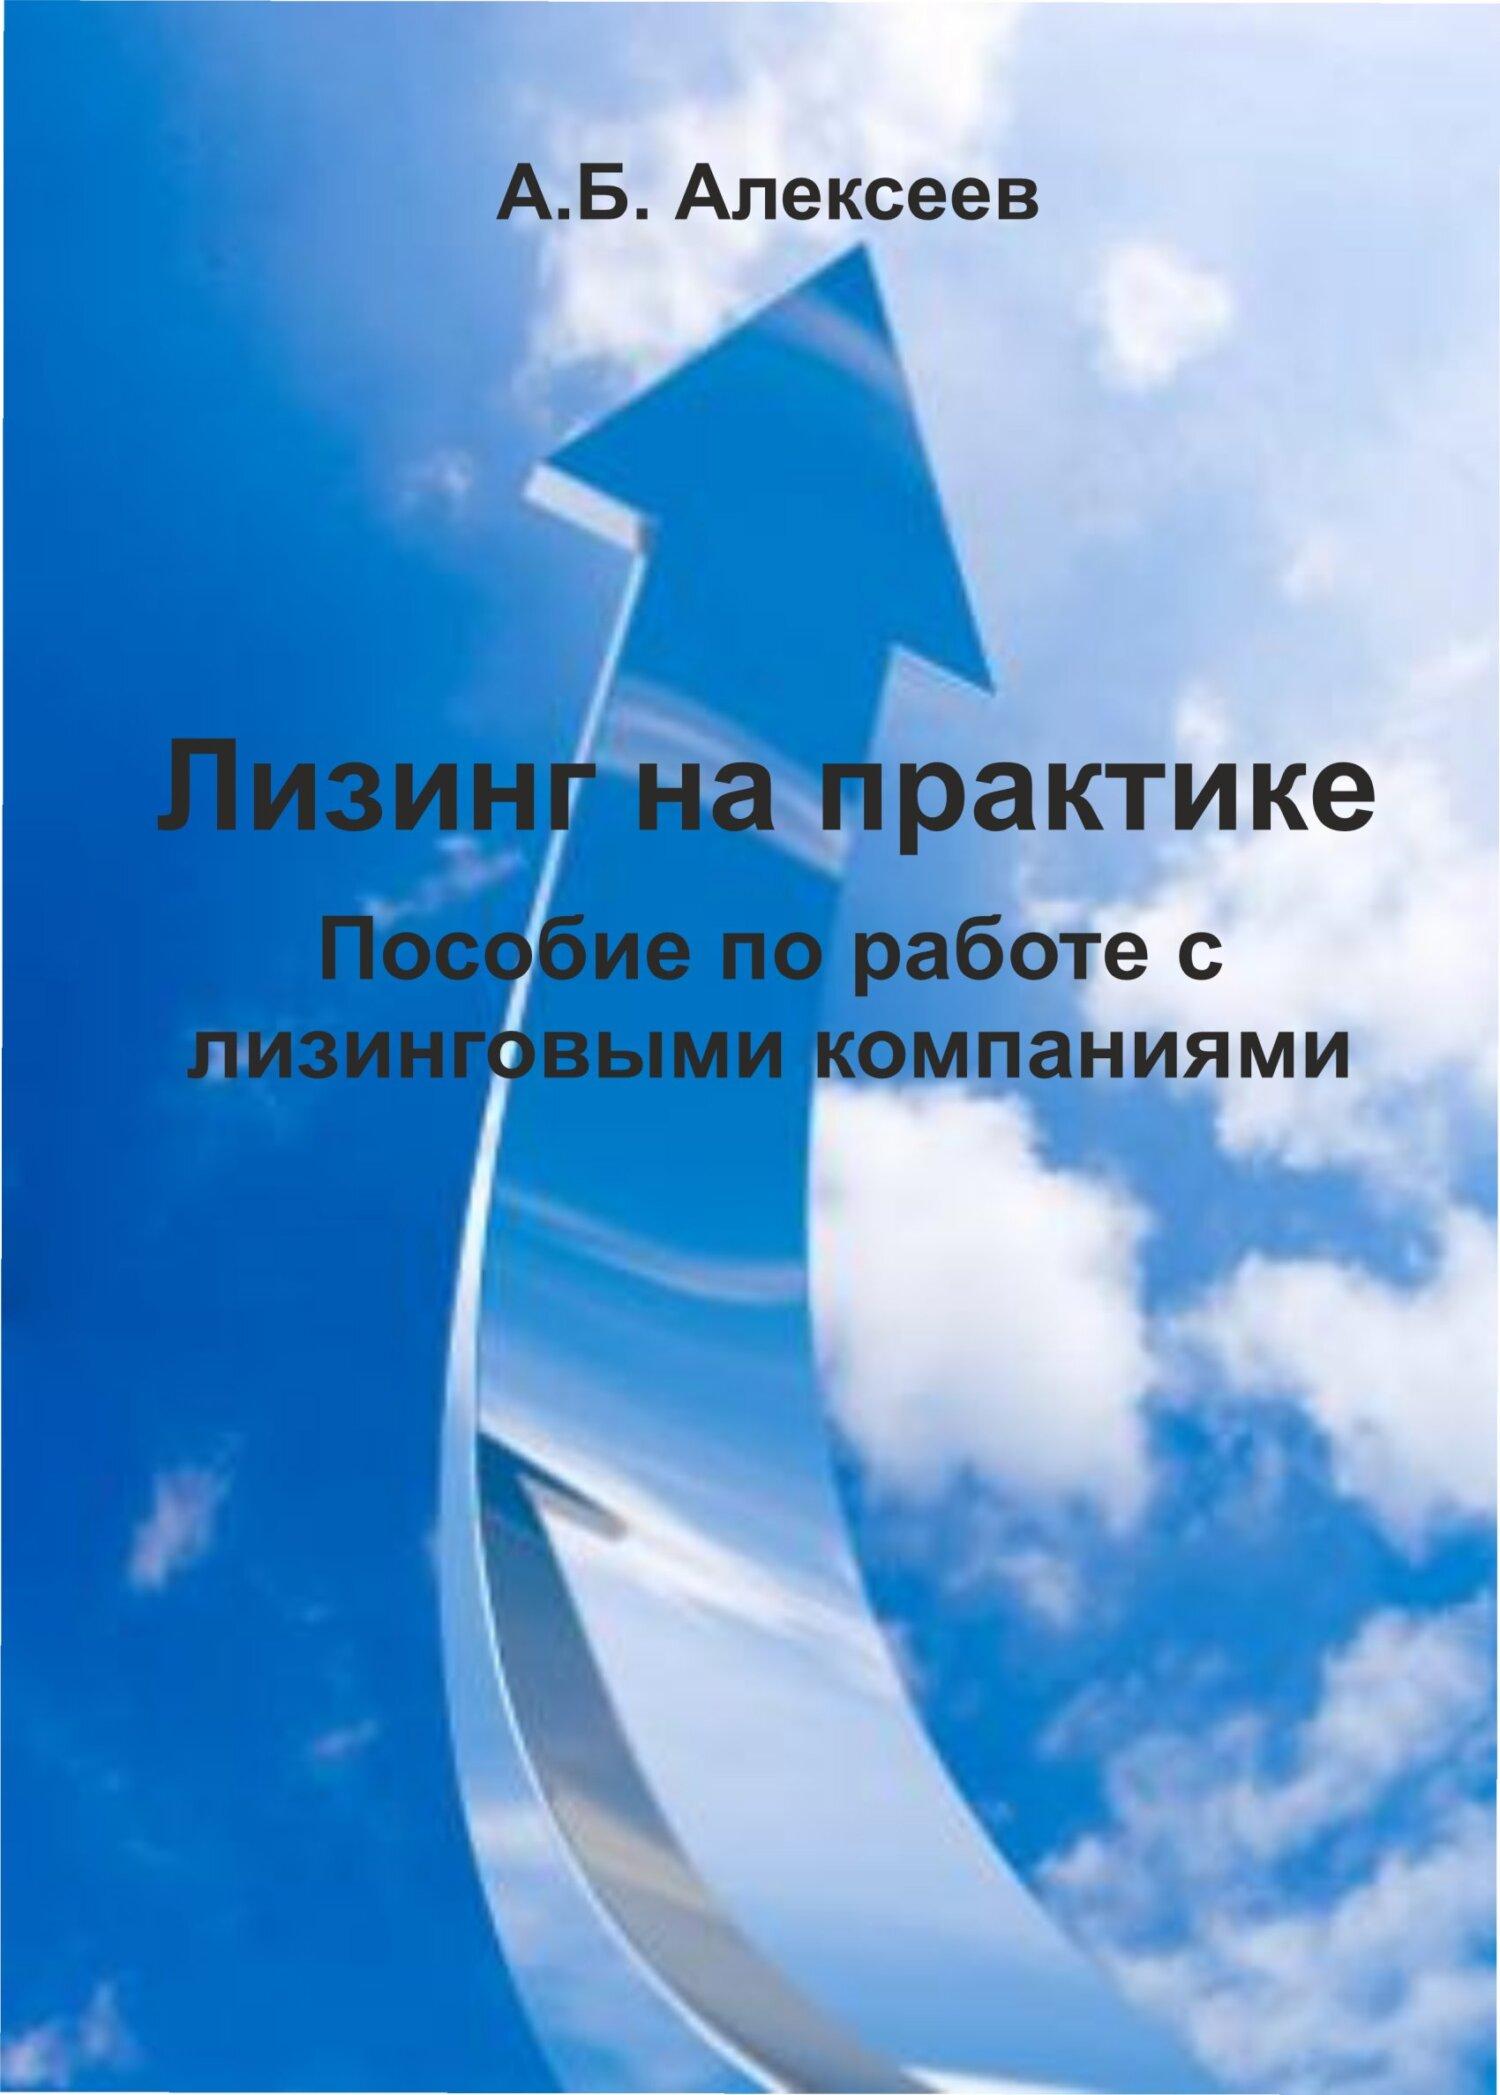 Обложка книги Лизинг на практике. Пособие по работе с лизинговыми компаниями